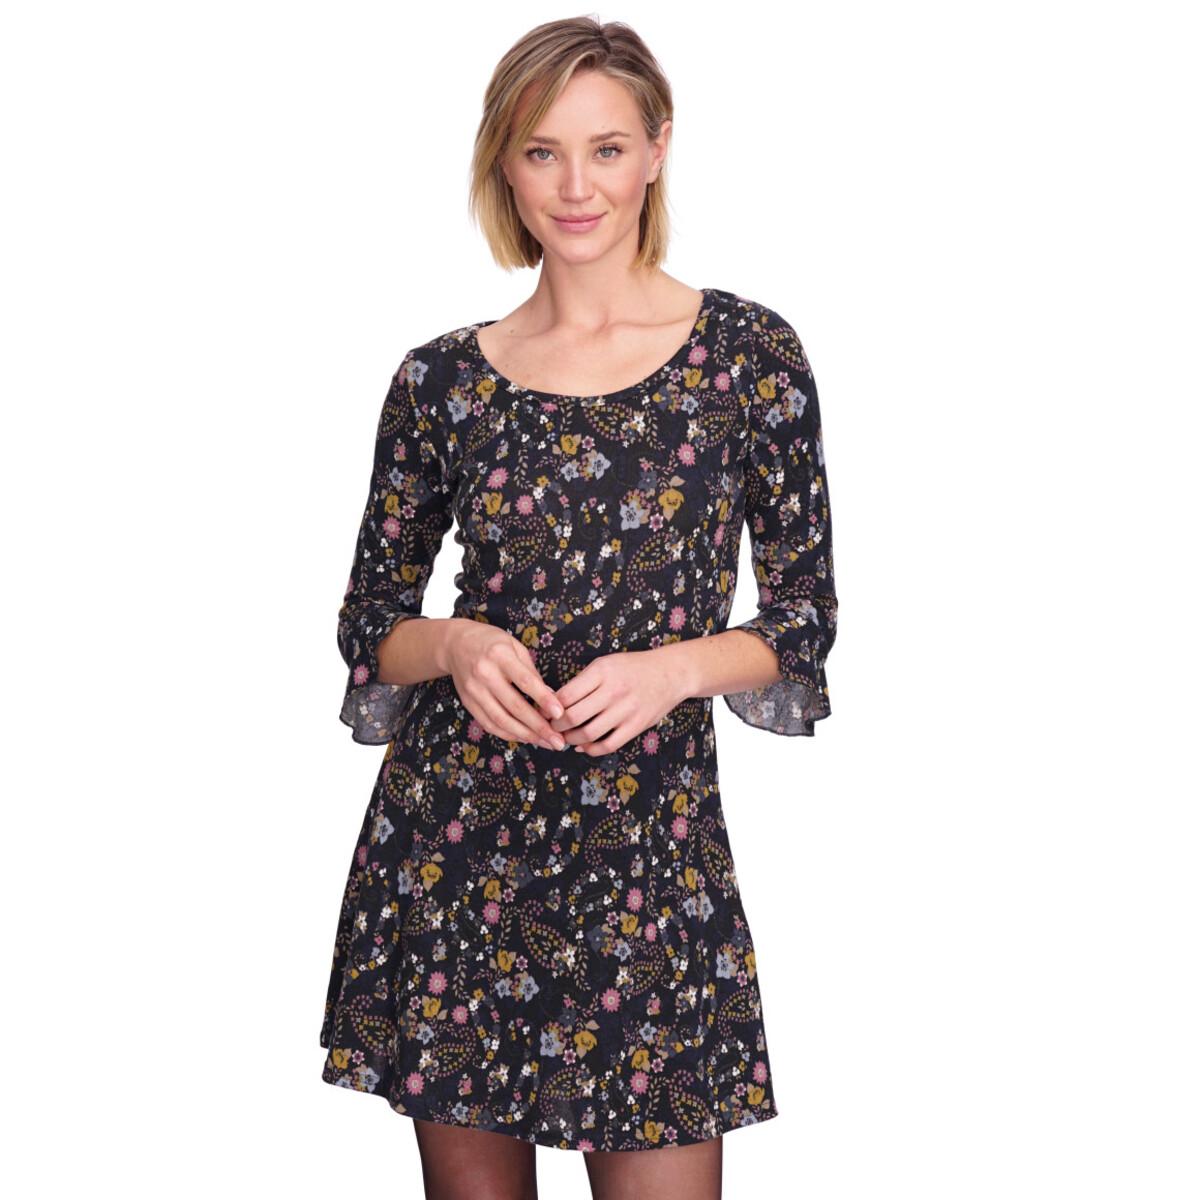 Bild 2 von Damen Kleid im floralen Dessin